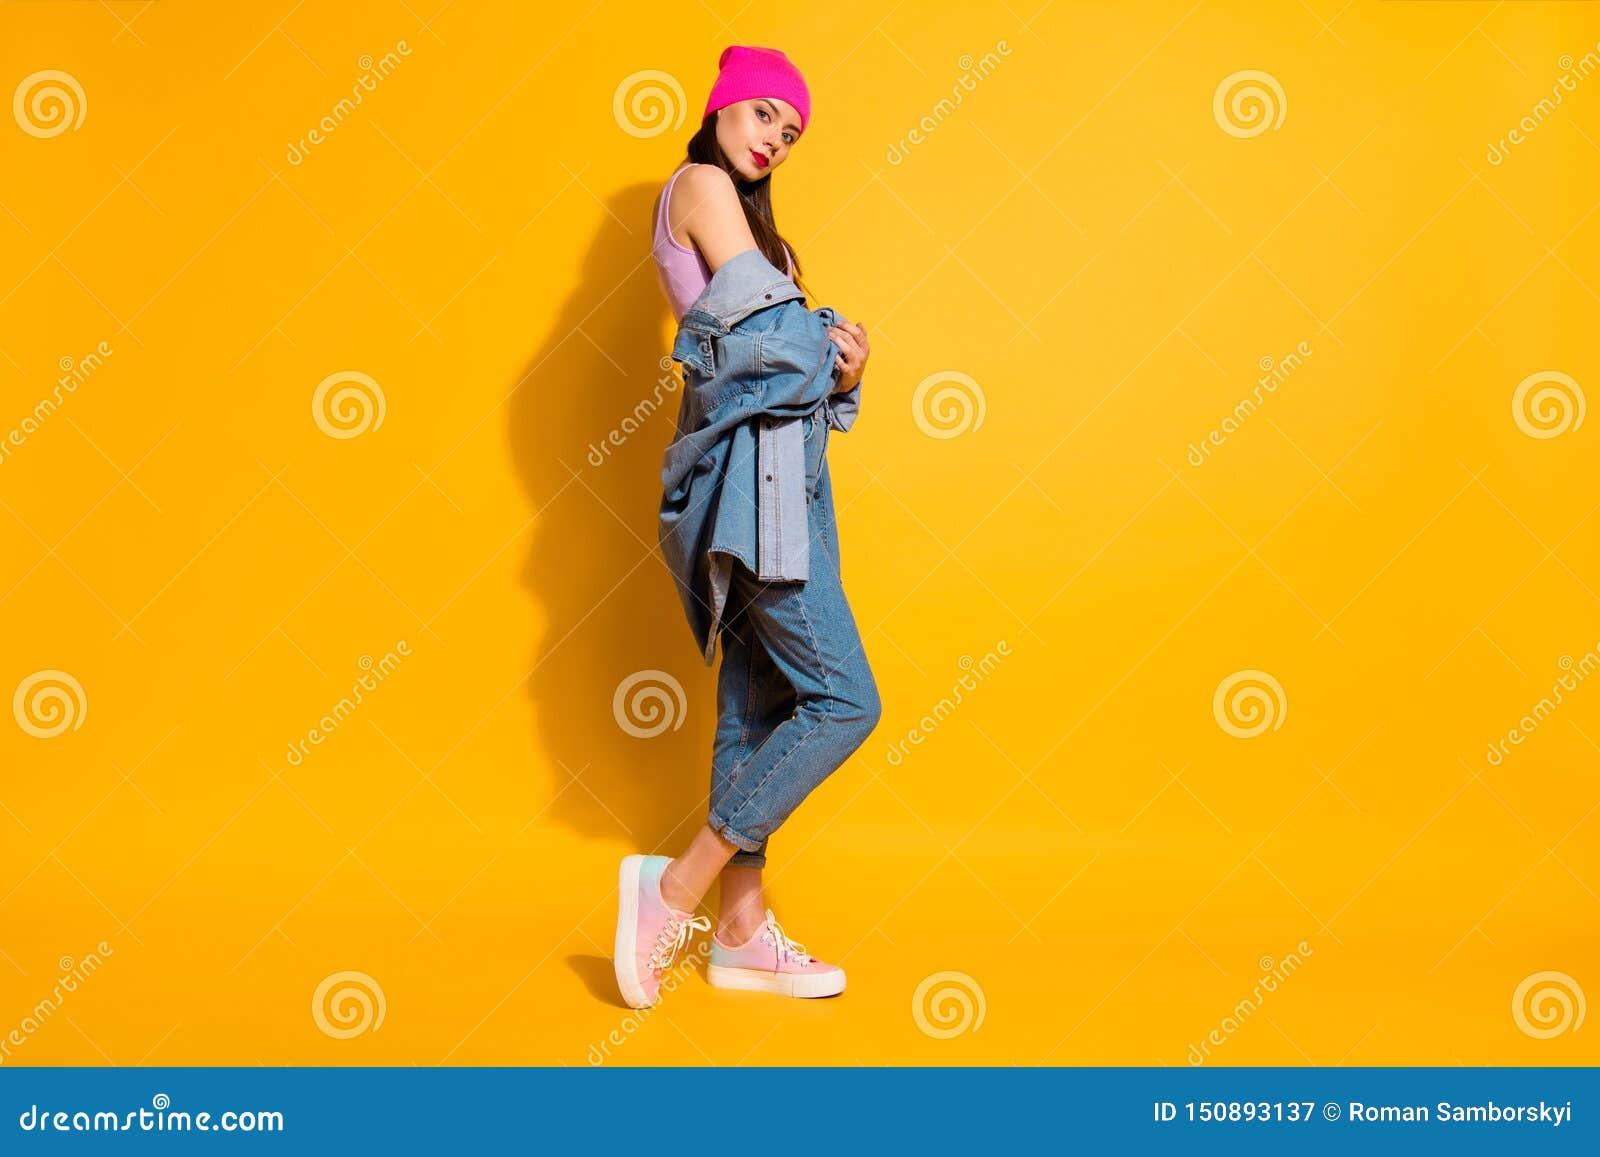 Η πλήρης lngth σωμάτων φωτογραφία άποψης γωνίας μεγέθους χαμηλή των συγκεντρωμένων τζιν τζιν χεριών γυναικείας λαβής ντύνει όμορφ